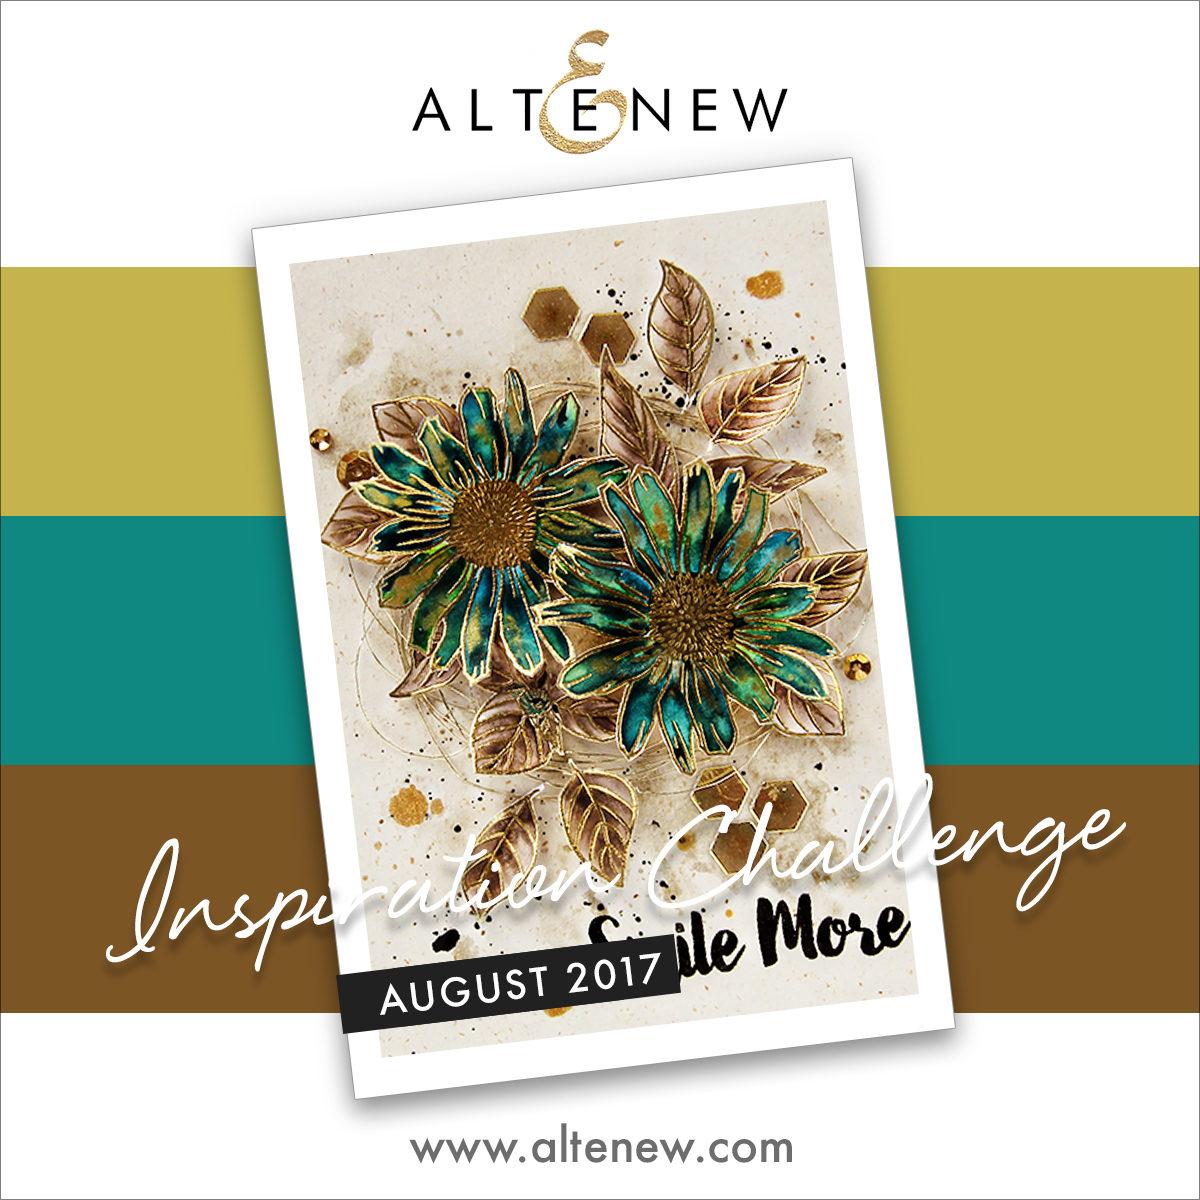 altenew-august2017-inspirationchallenge-4109831